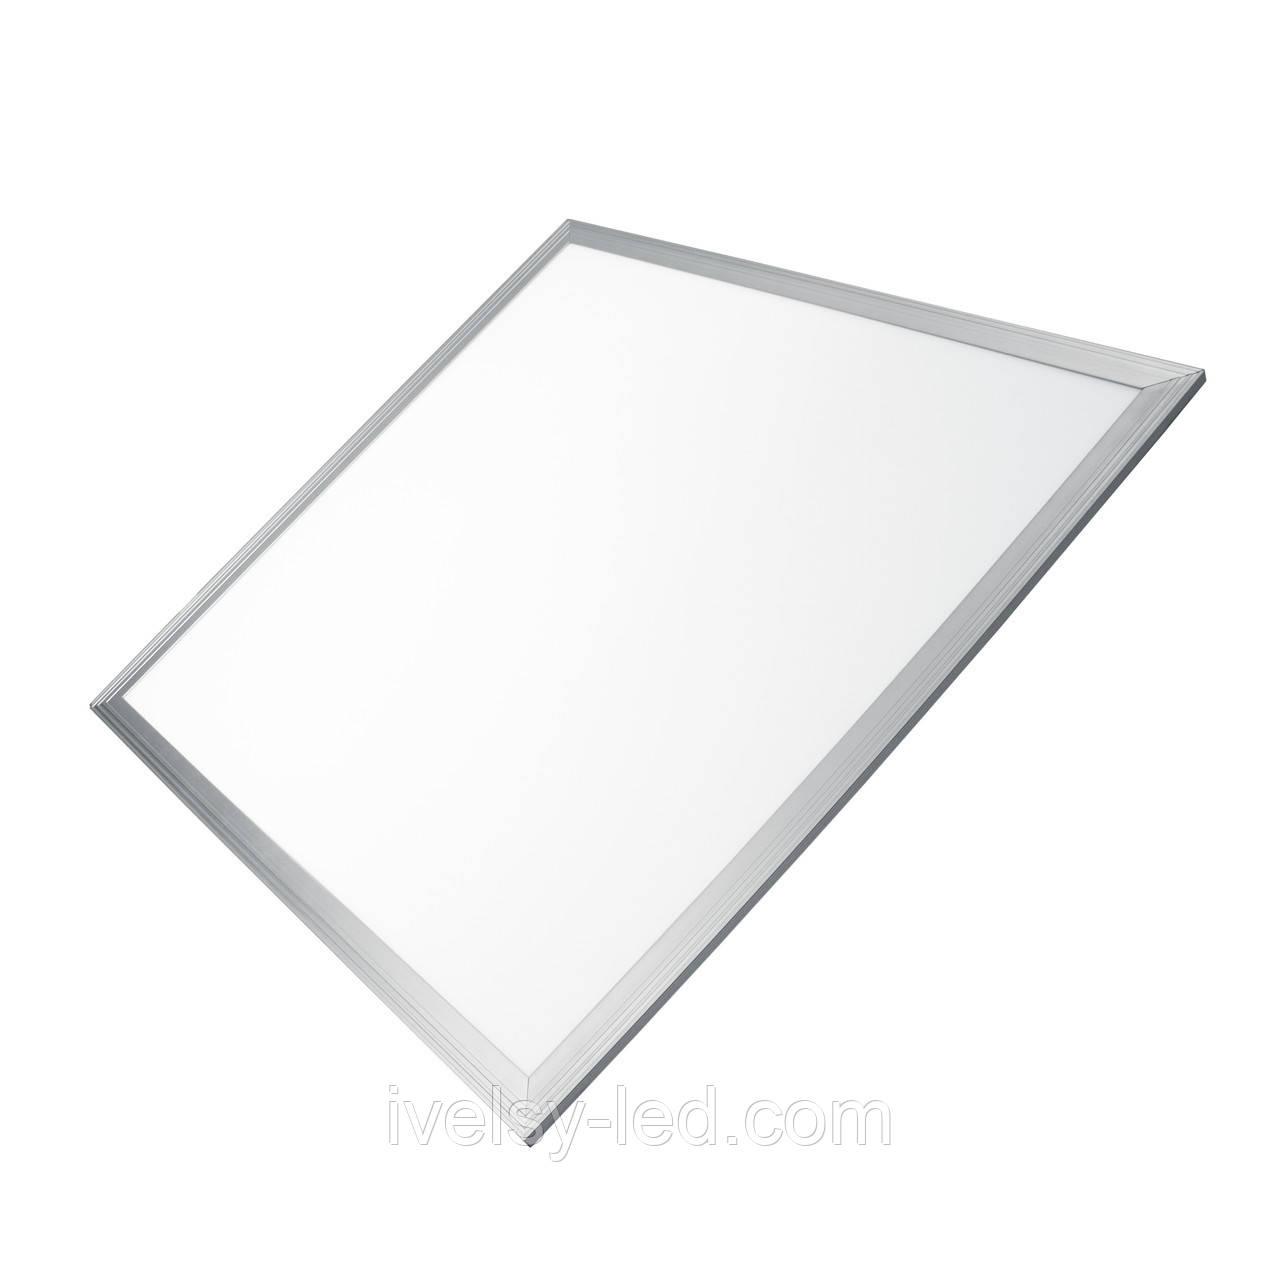 LED Світильник EUROLAMP 60х60 (панель) 36W 6500K